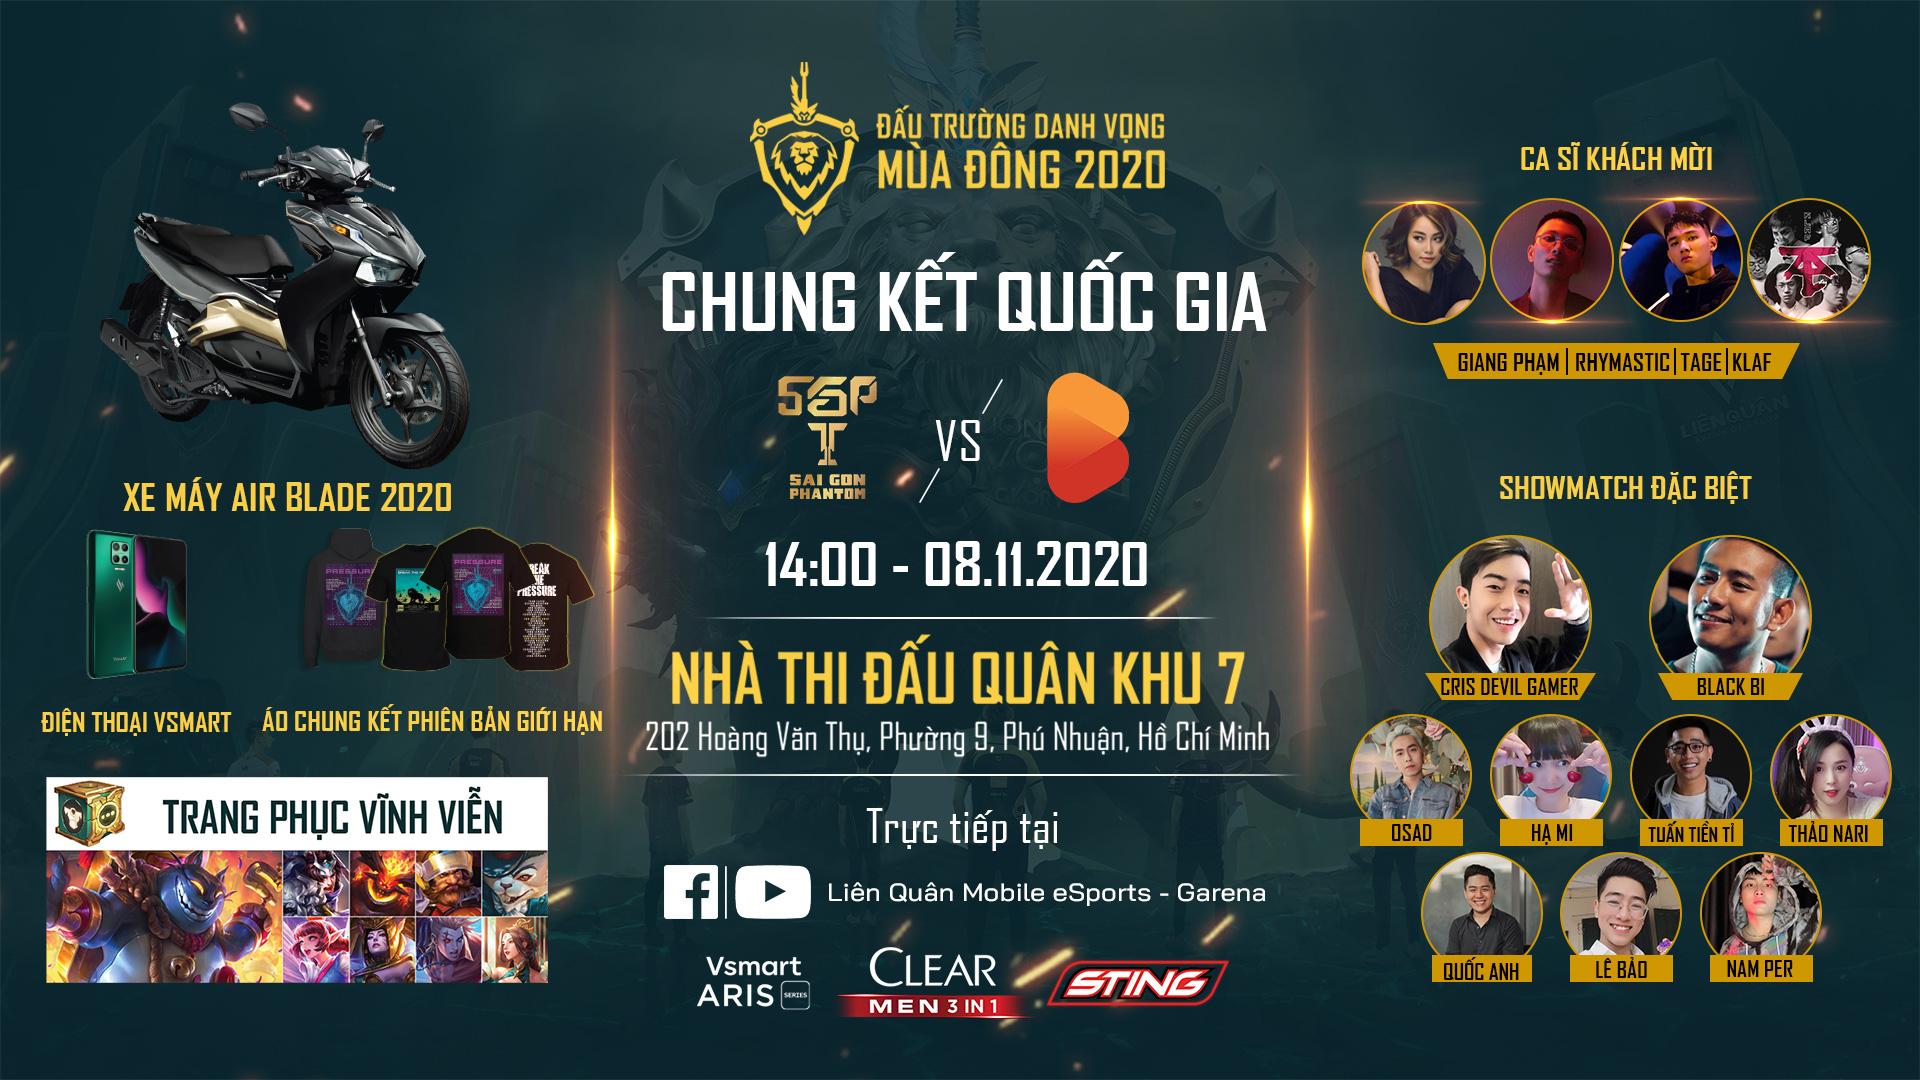 Chung kết ĐTDV mùa Đông 2020 quy tụ dàn sao Rap Việt đình đám, bất ngờ nhất là giá vé rẻ đến ngỡ ngàng - Ảnh 1.